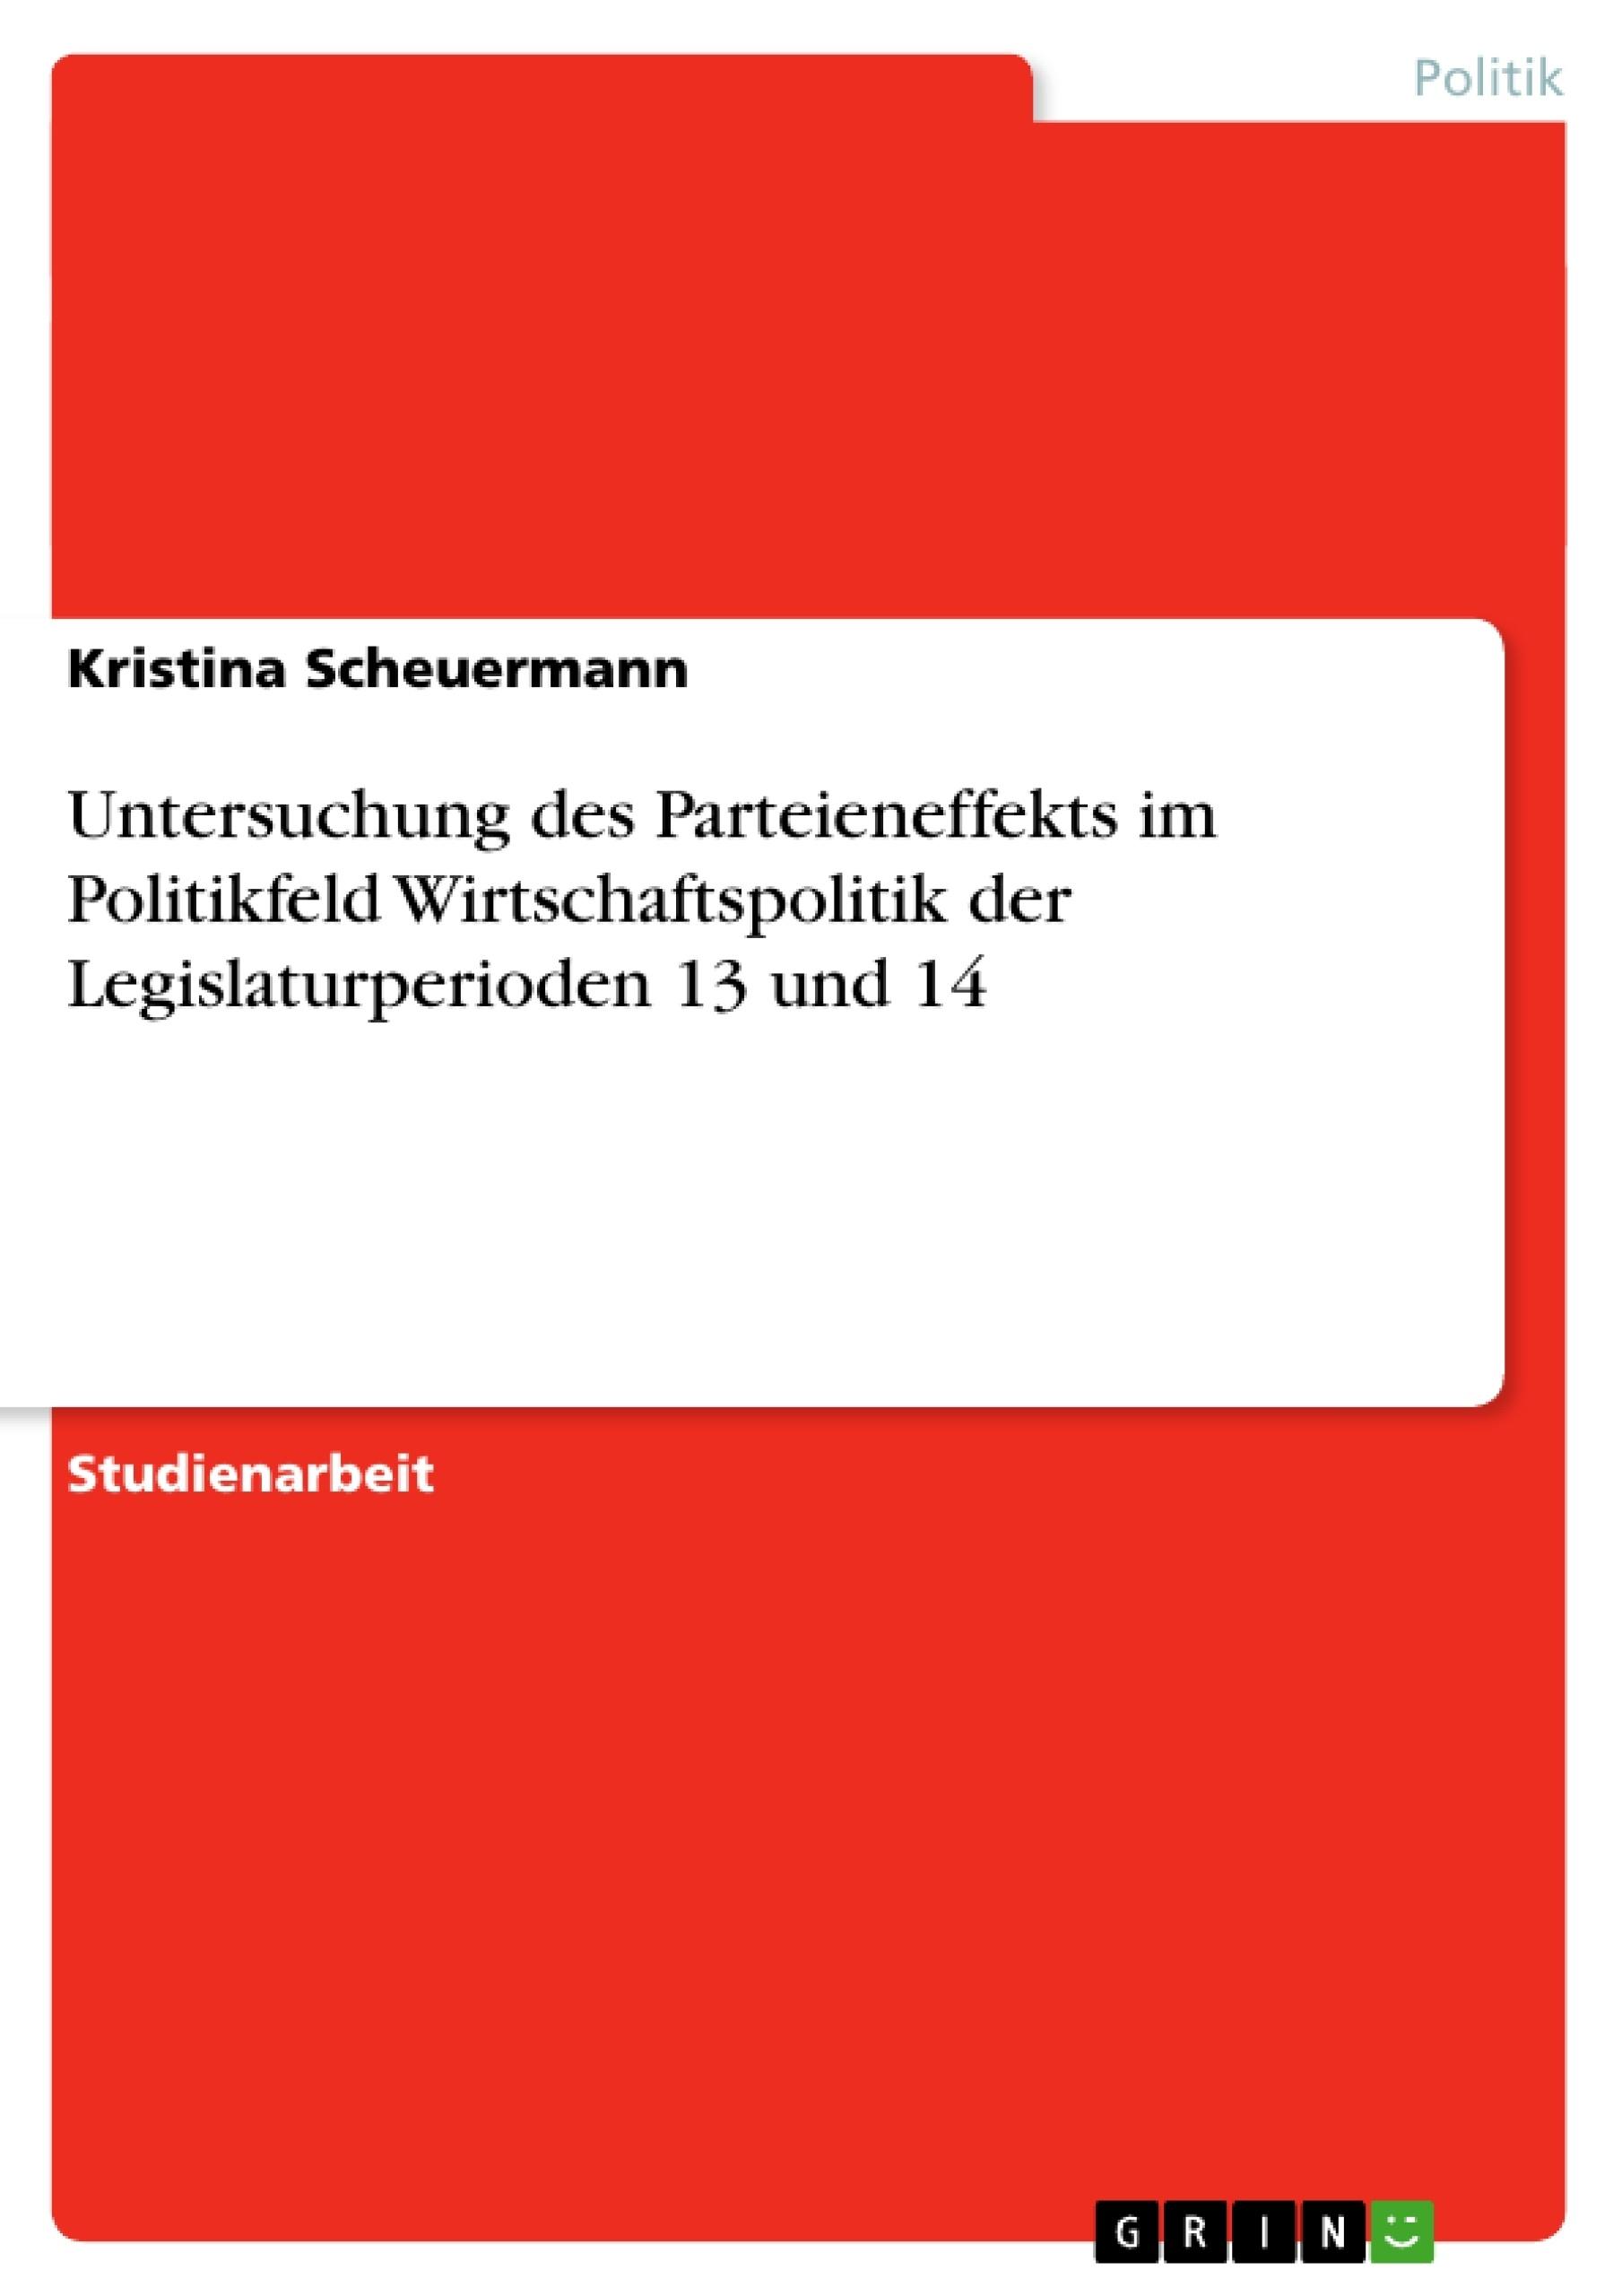 Titel: Untersuchung des Parteieneffekts im Politikfeld Wirtschaftspolitik der Legislaturperioden 13 und 14